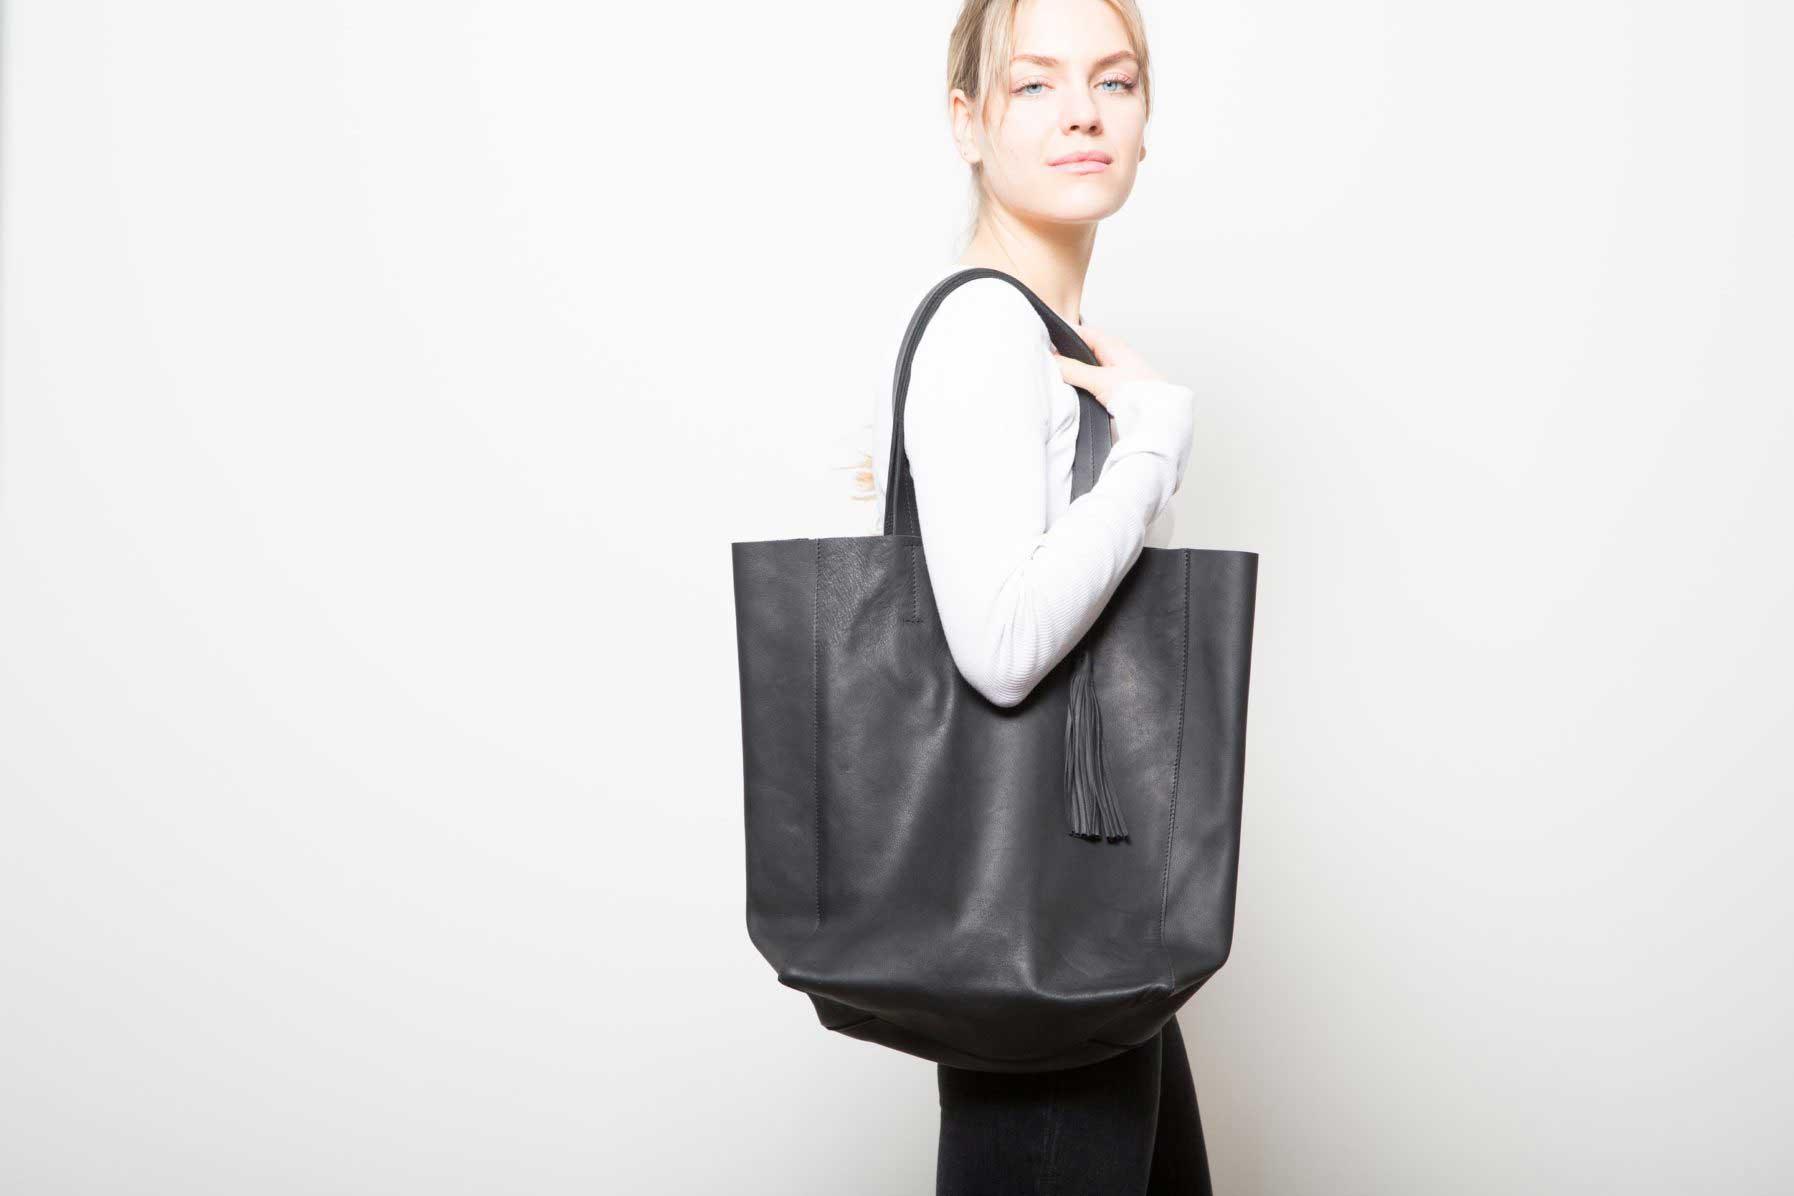 Grand sac Shopper Cuir Noir porté de profil - ordinari.shop